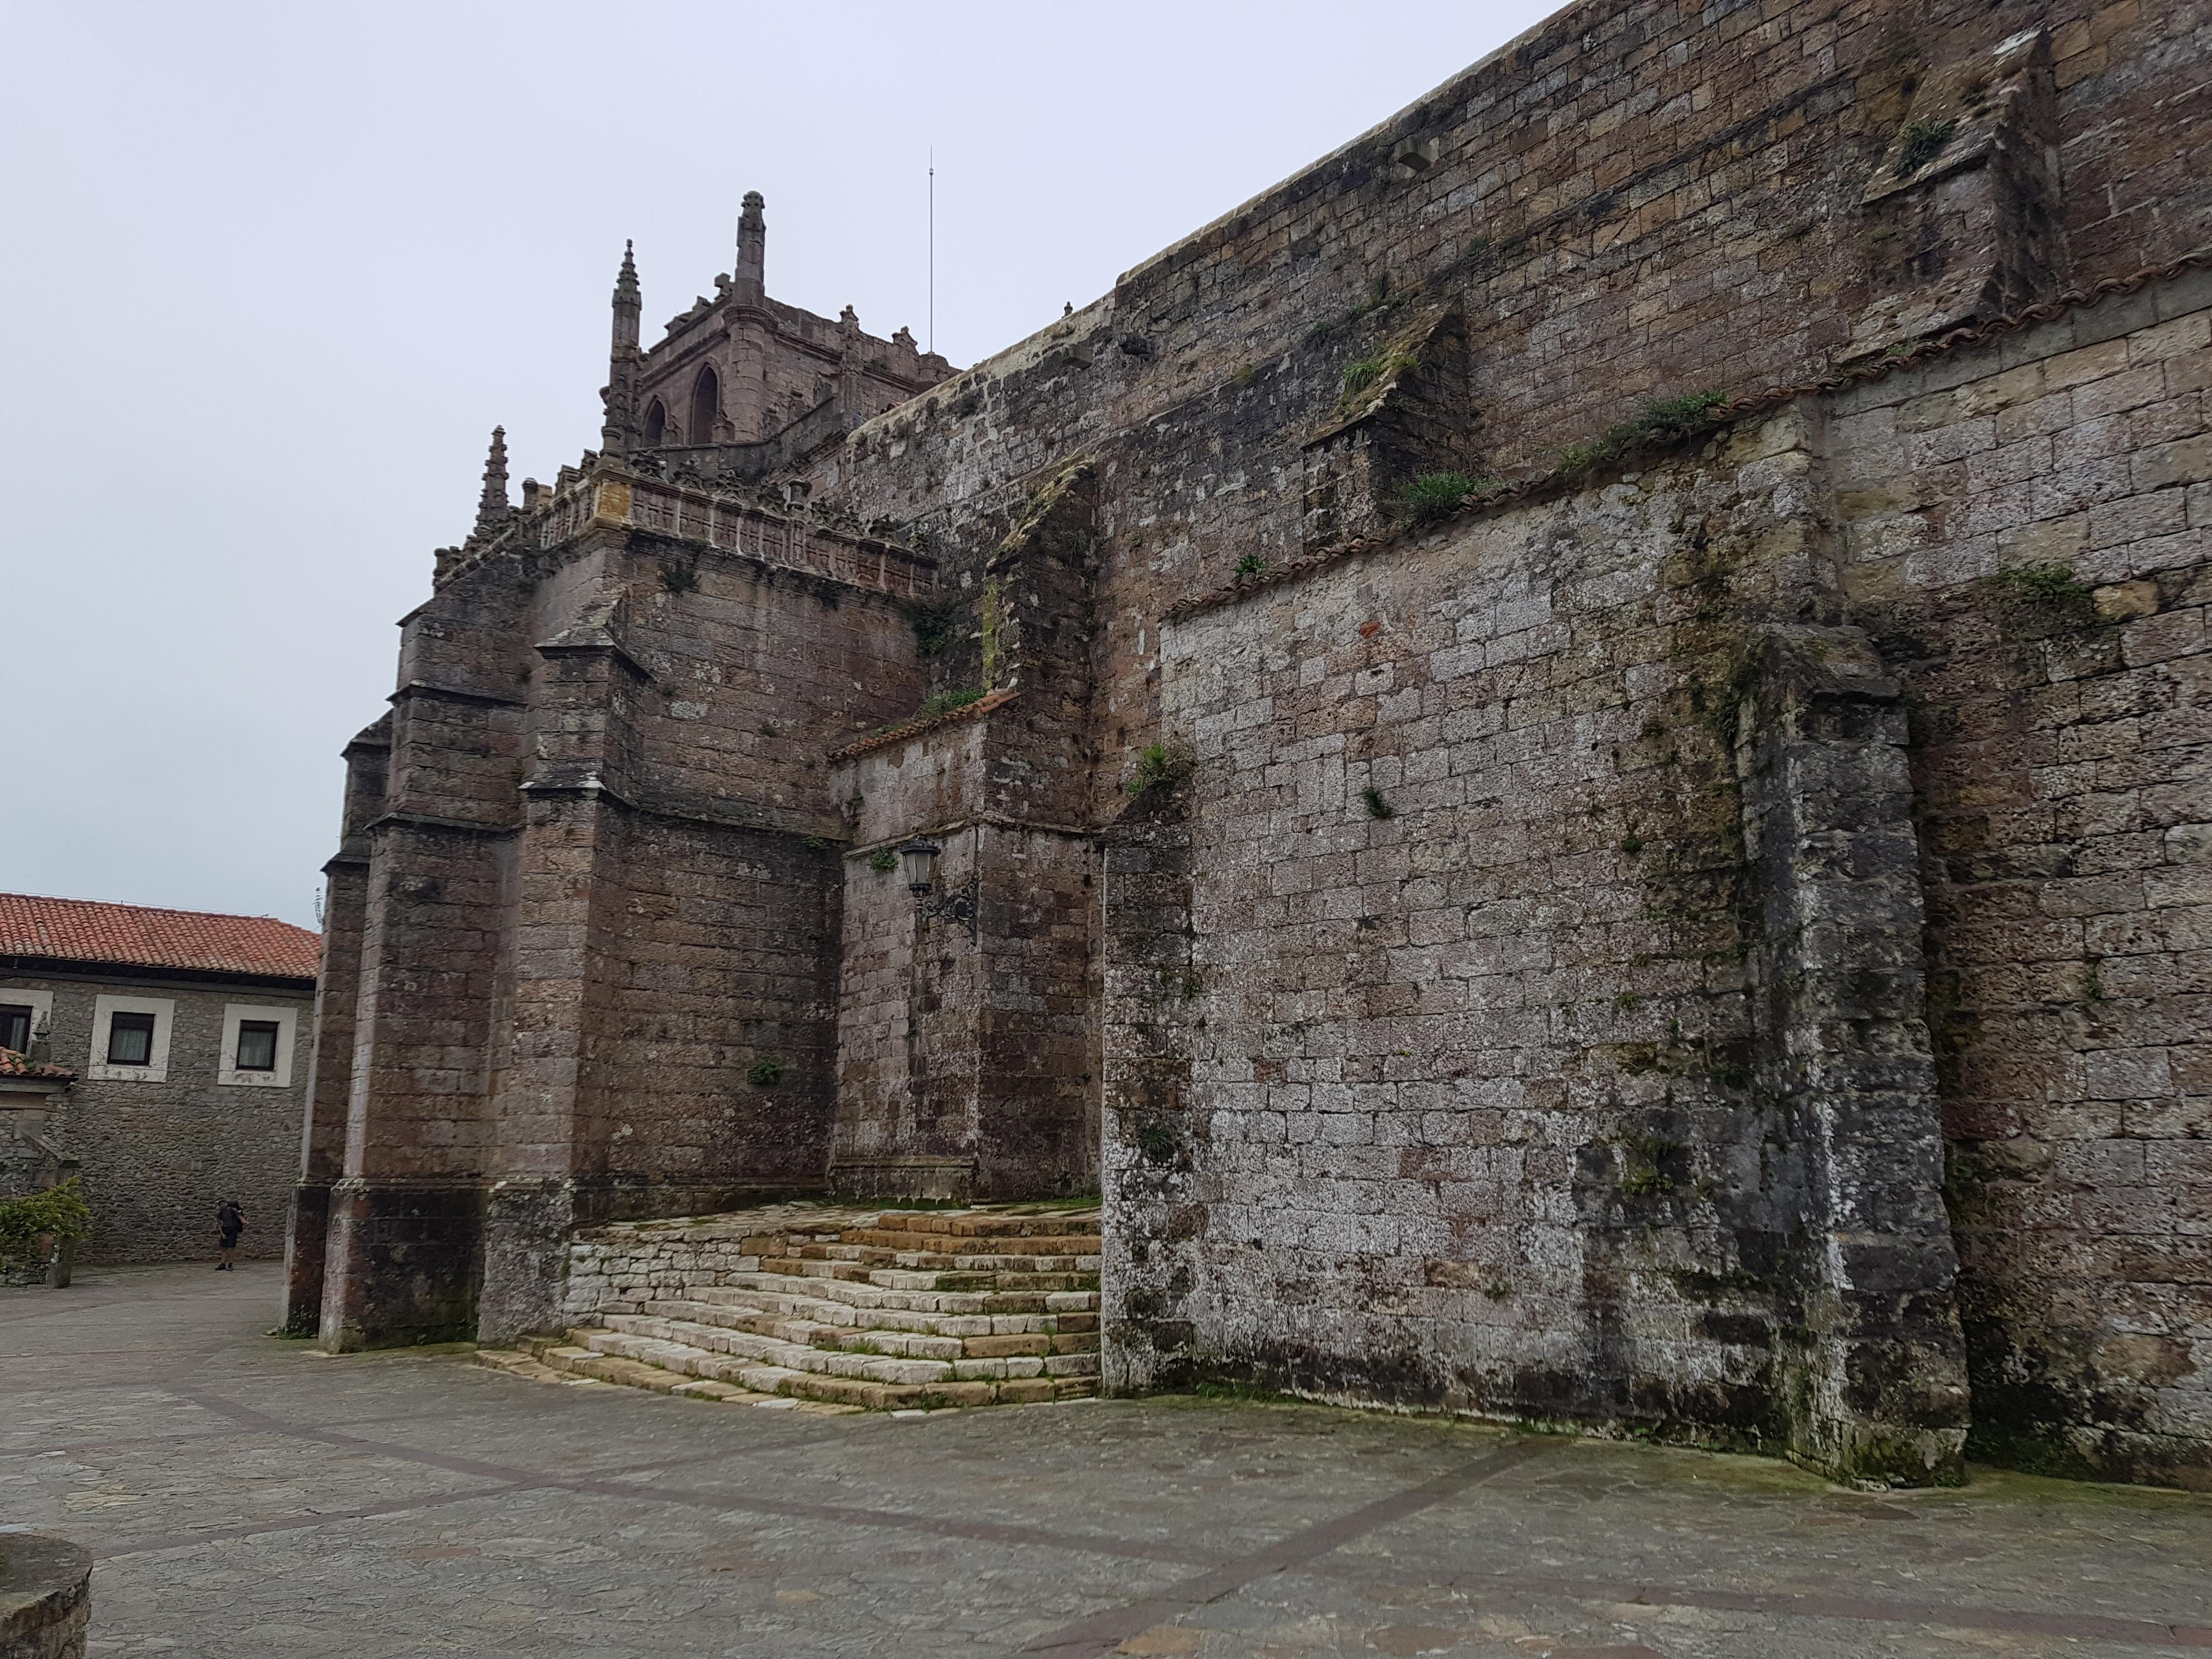 Kirche von San Vicente mit dem Pilgertor